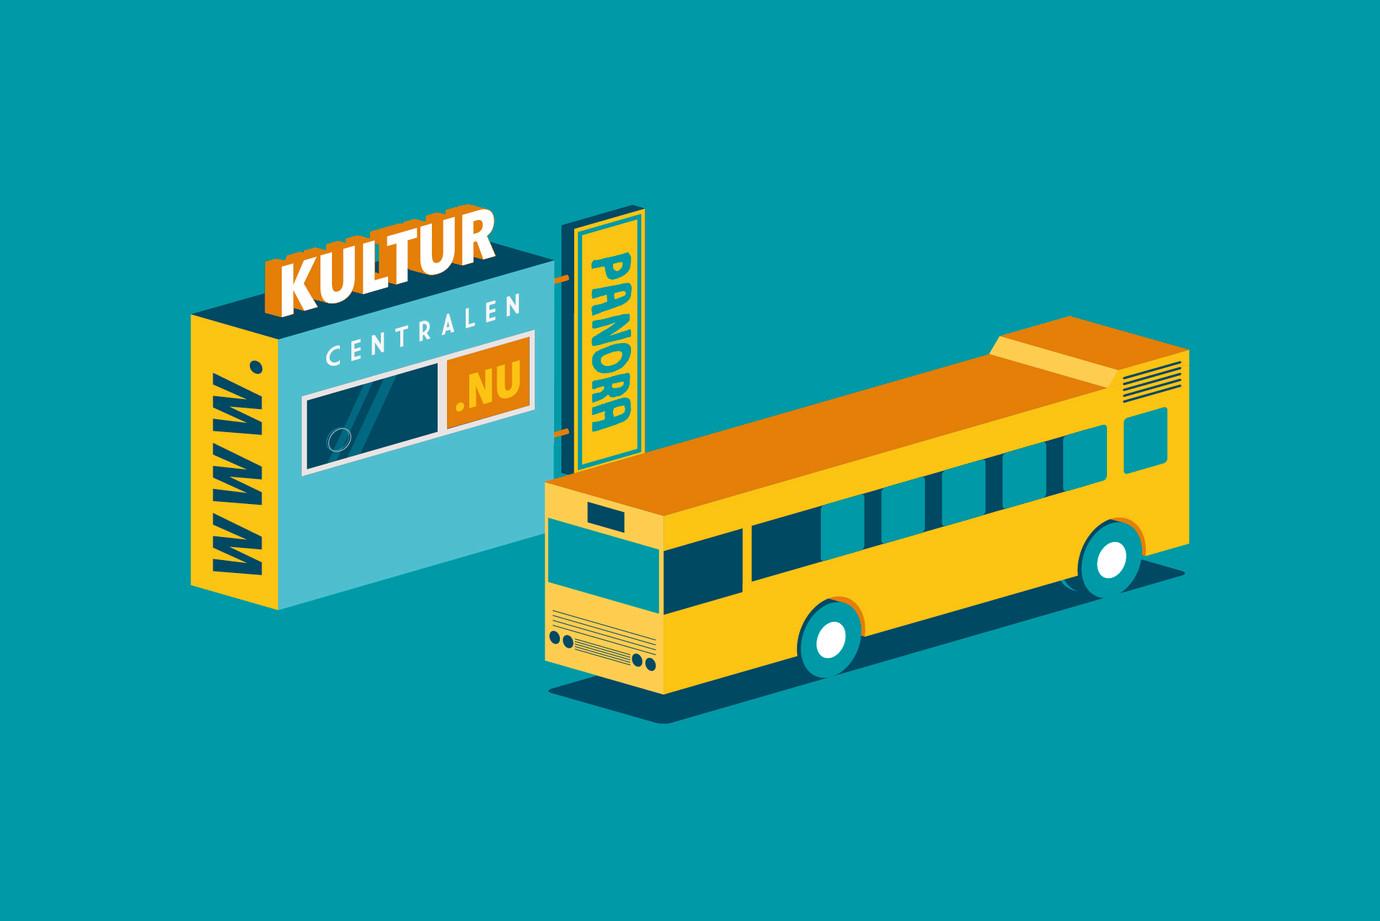 MUkFF_illustration_2.jpg